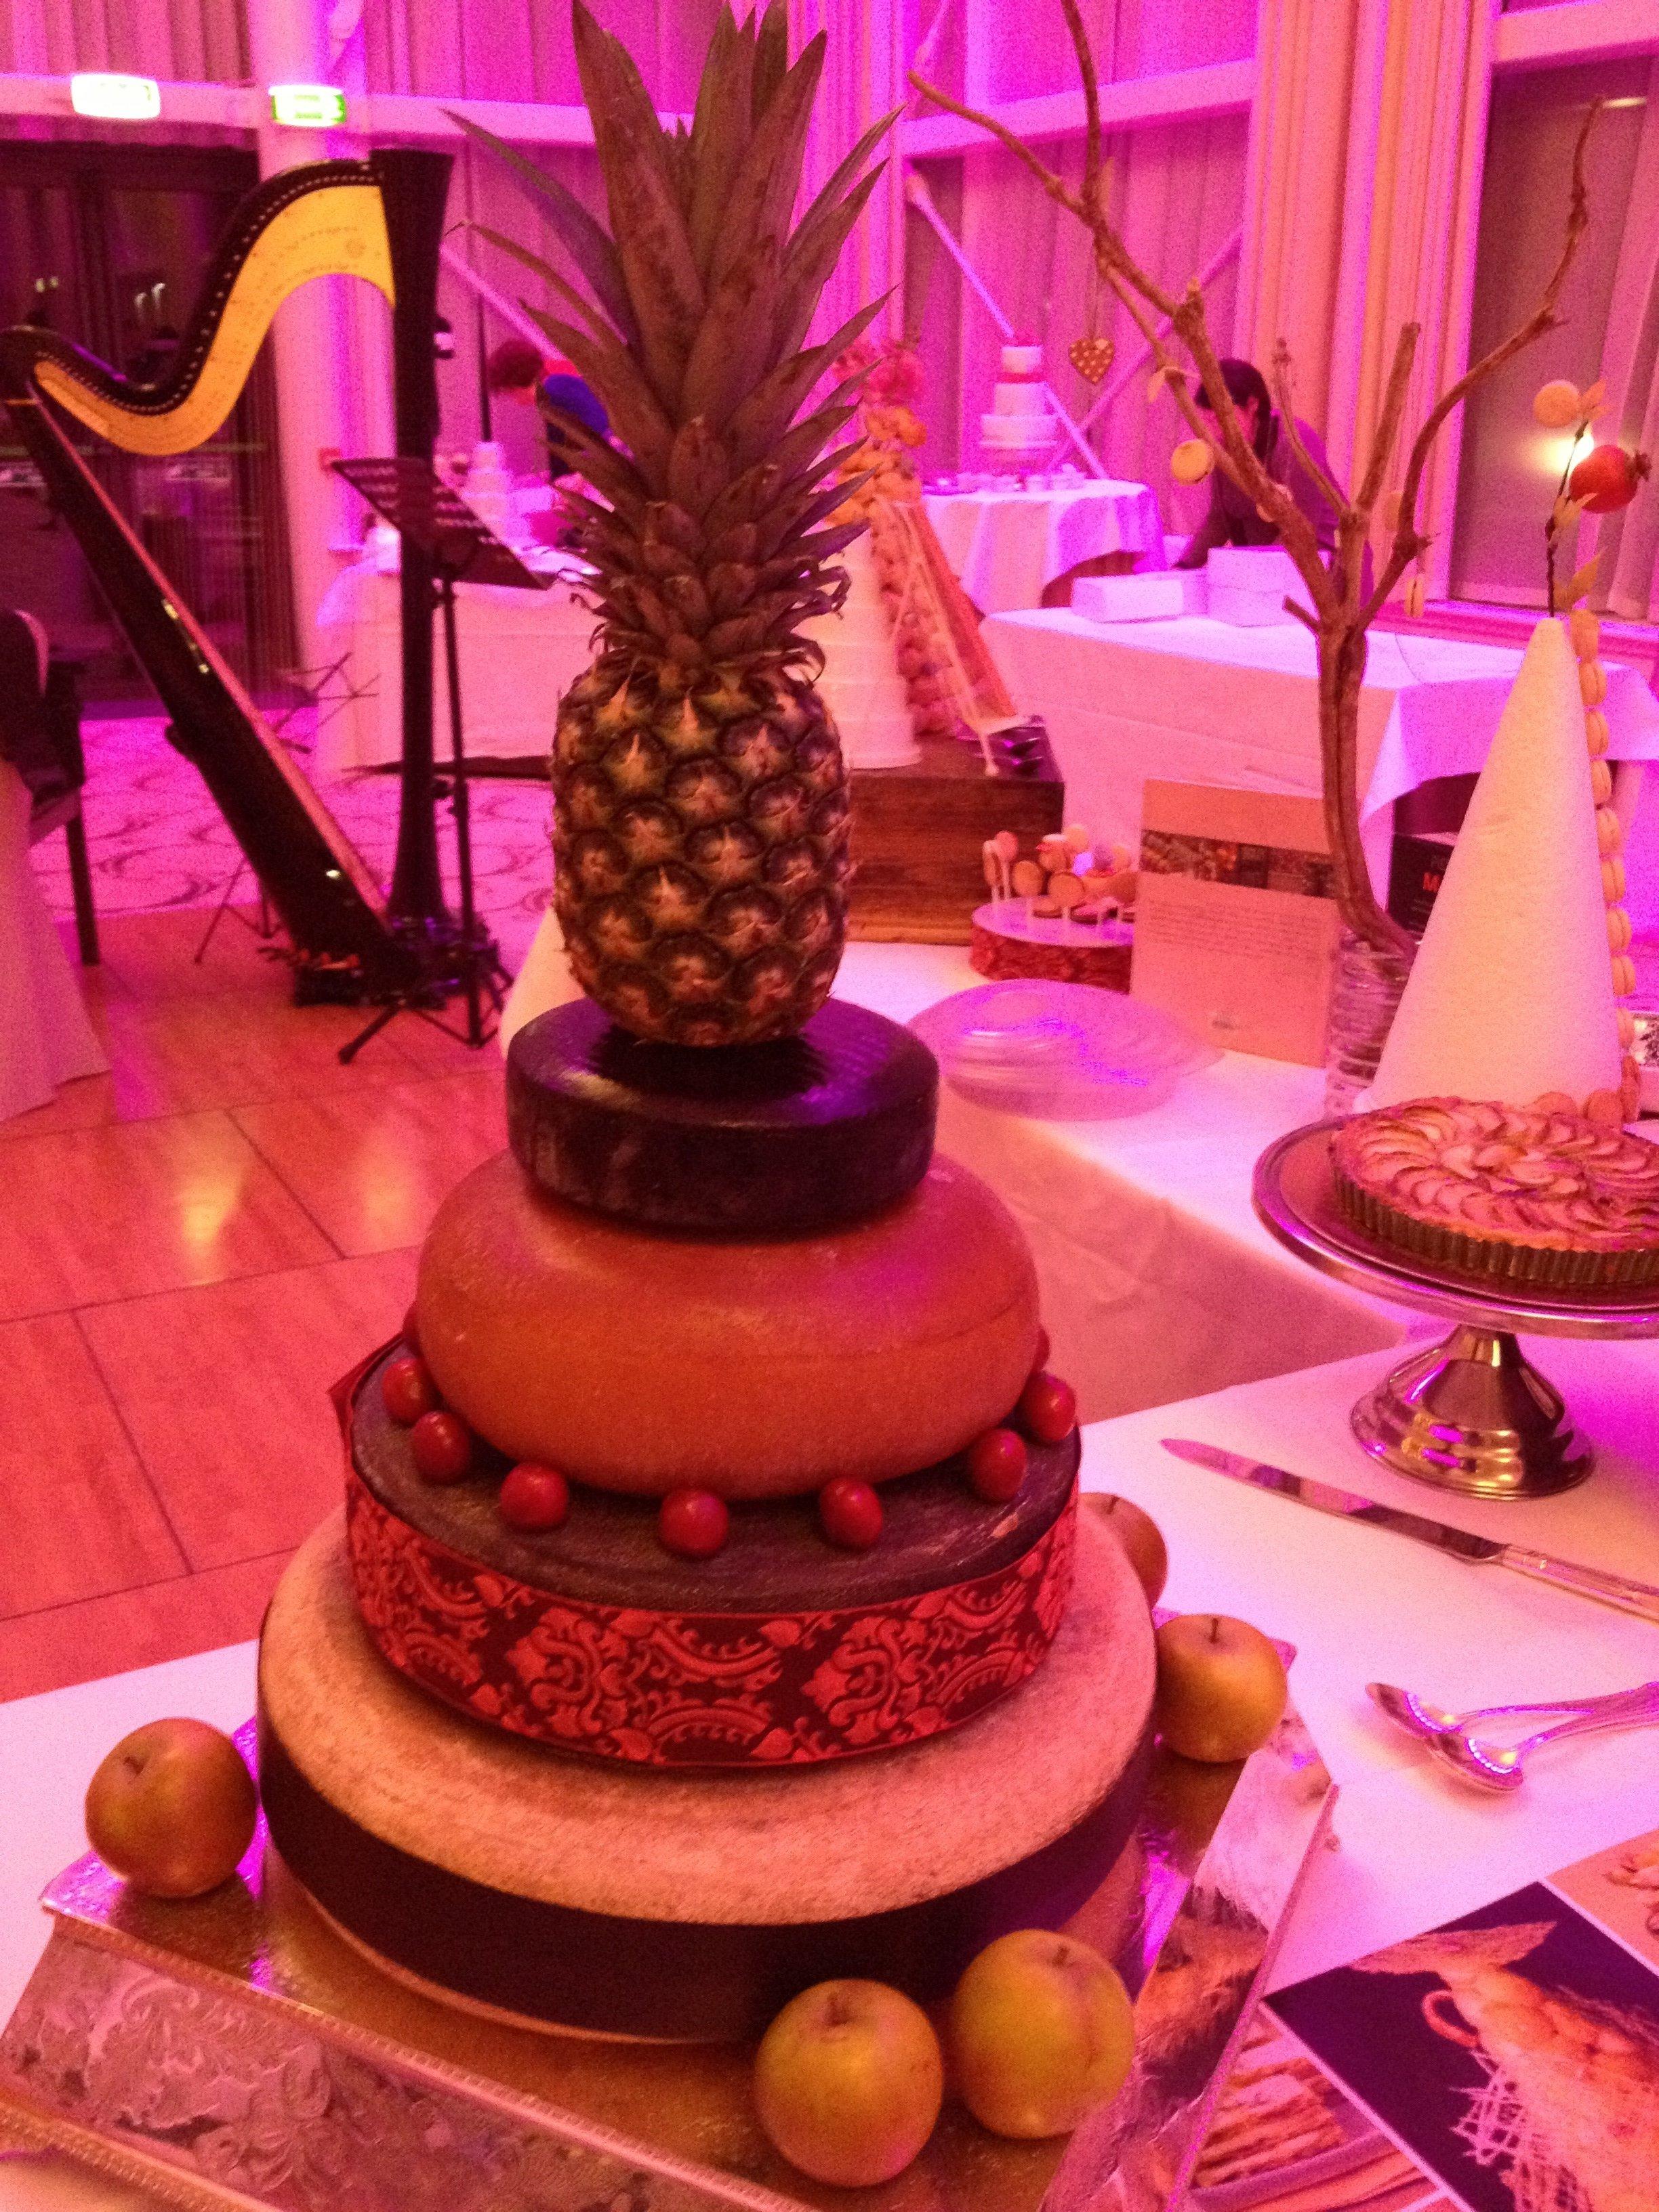 cheese-wedding-cake1.jpg